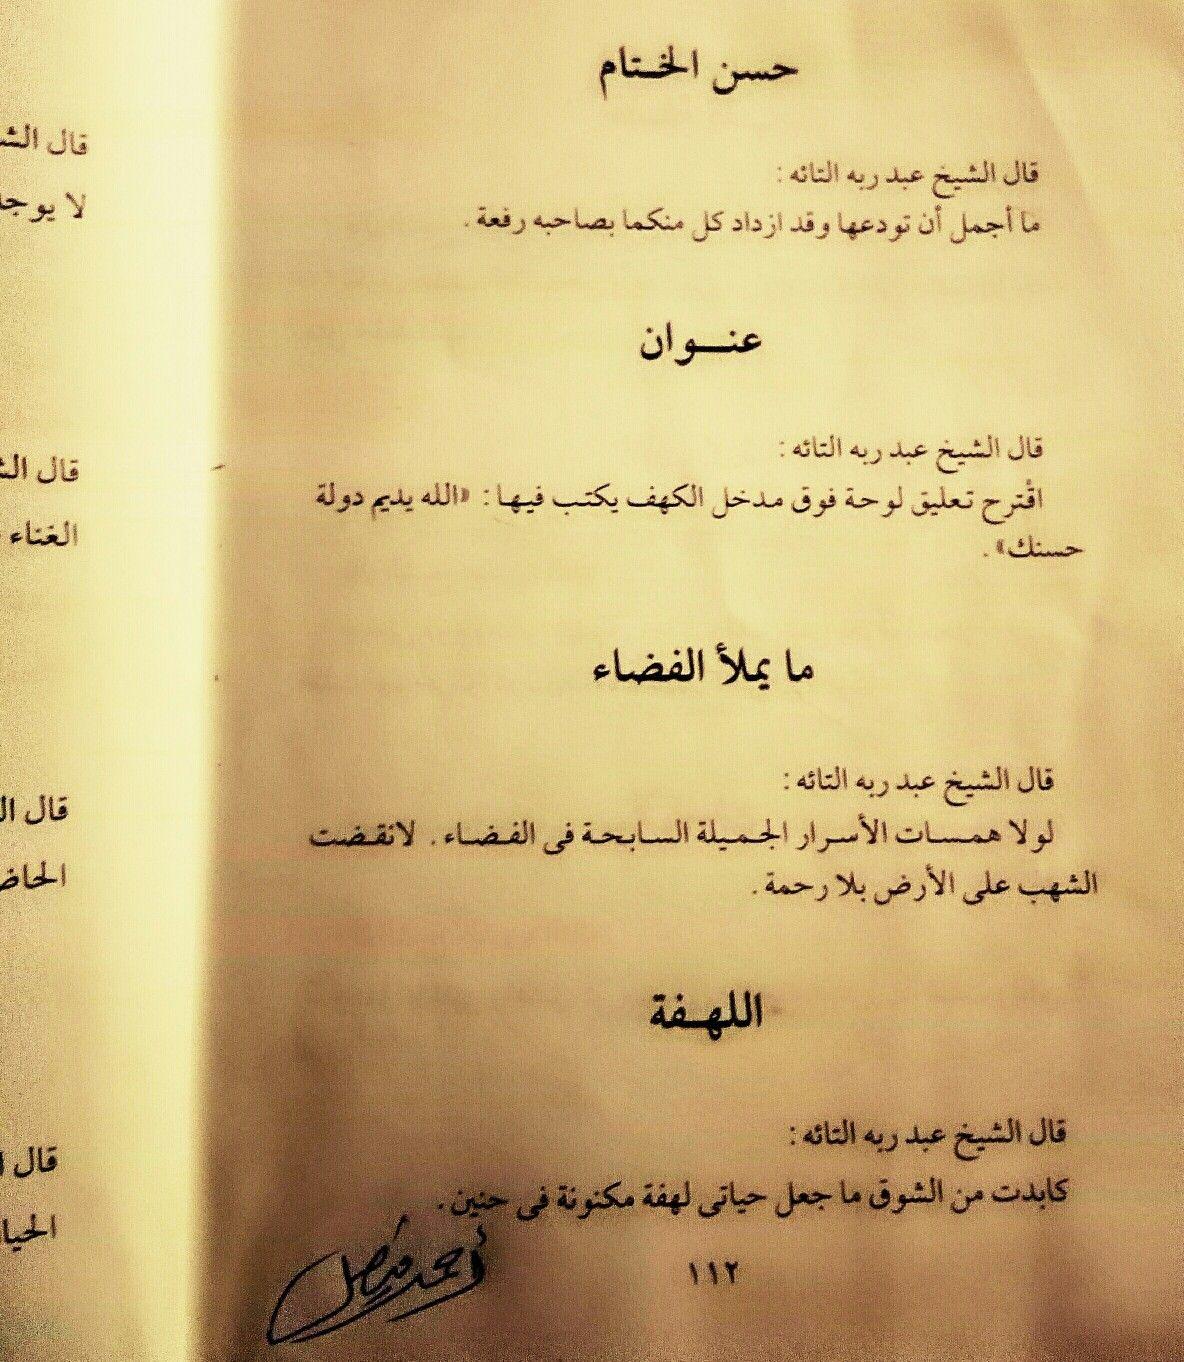 Pin By احمد فيصل عبد الفتاح On احمد فيصل Personalized Items Person Cay